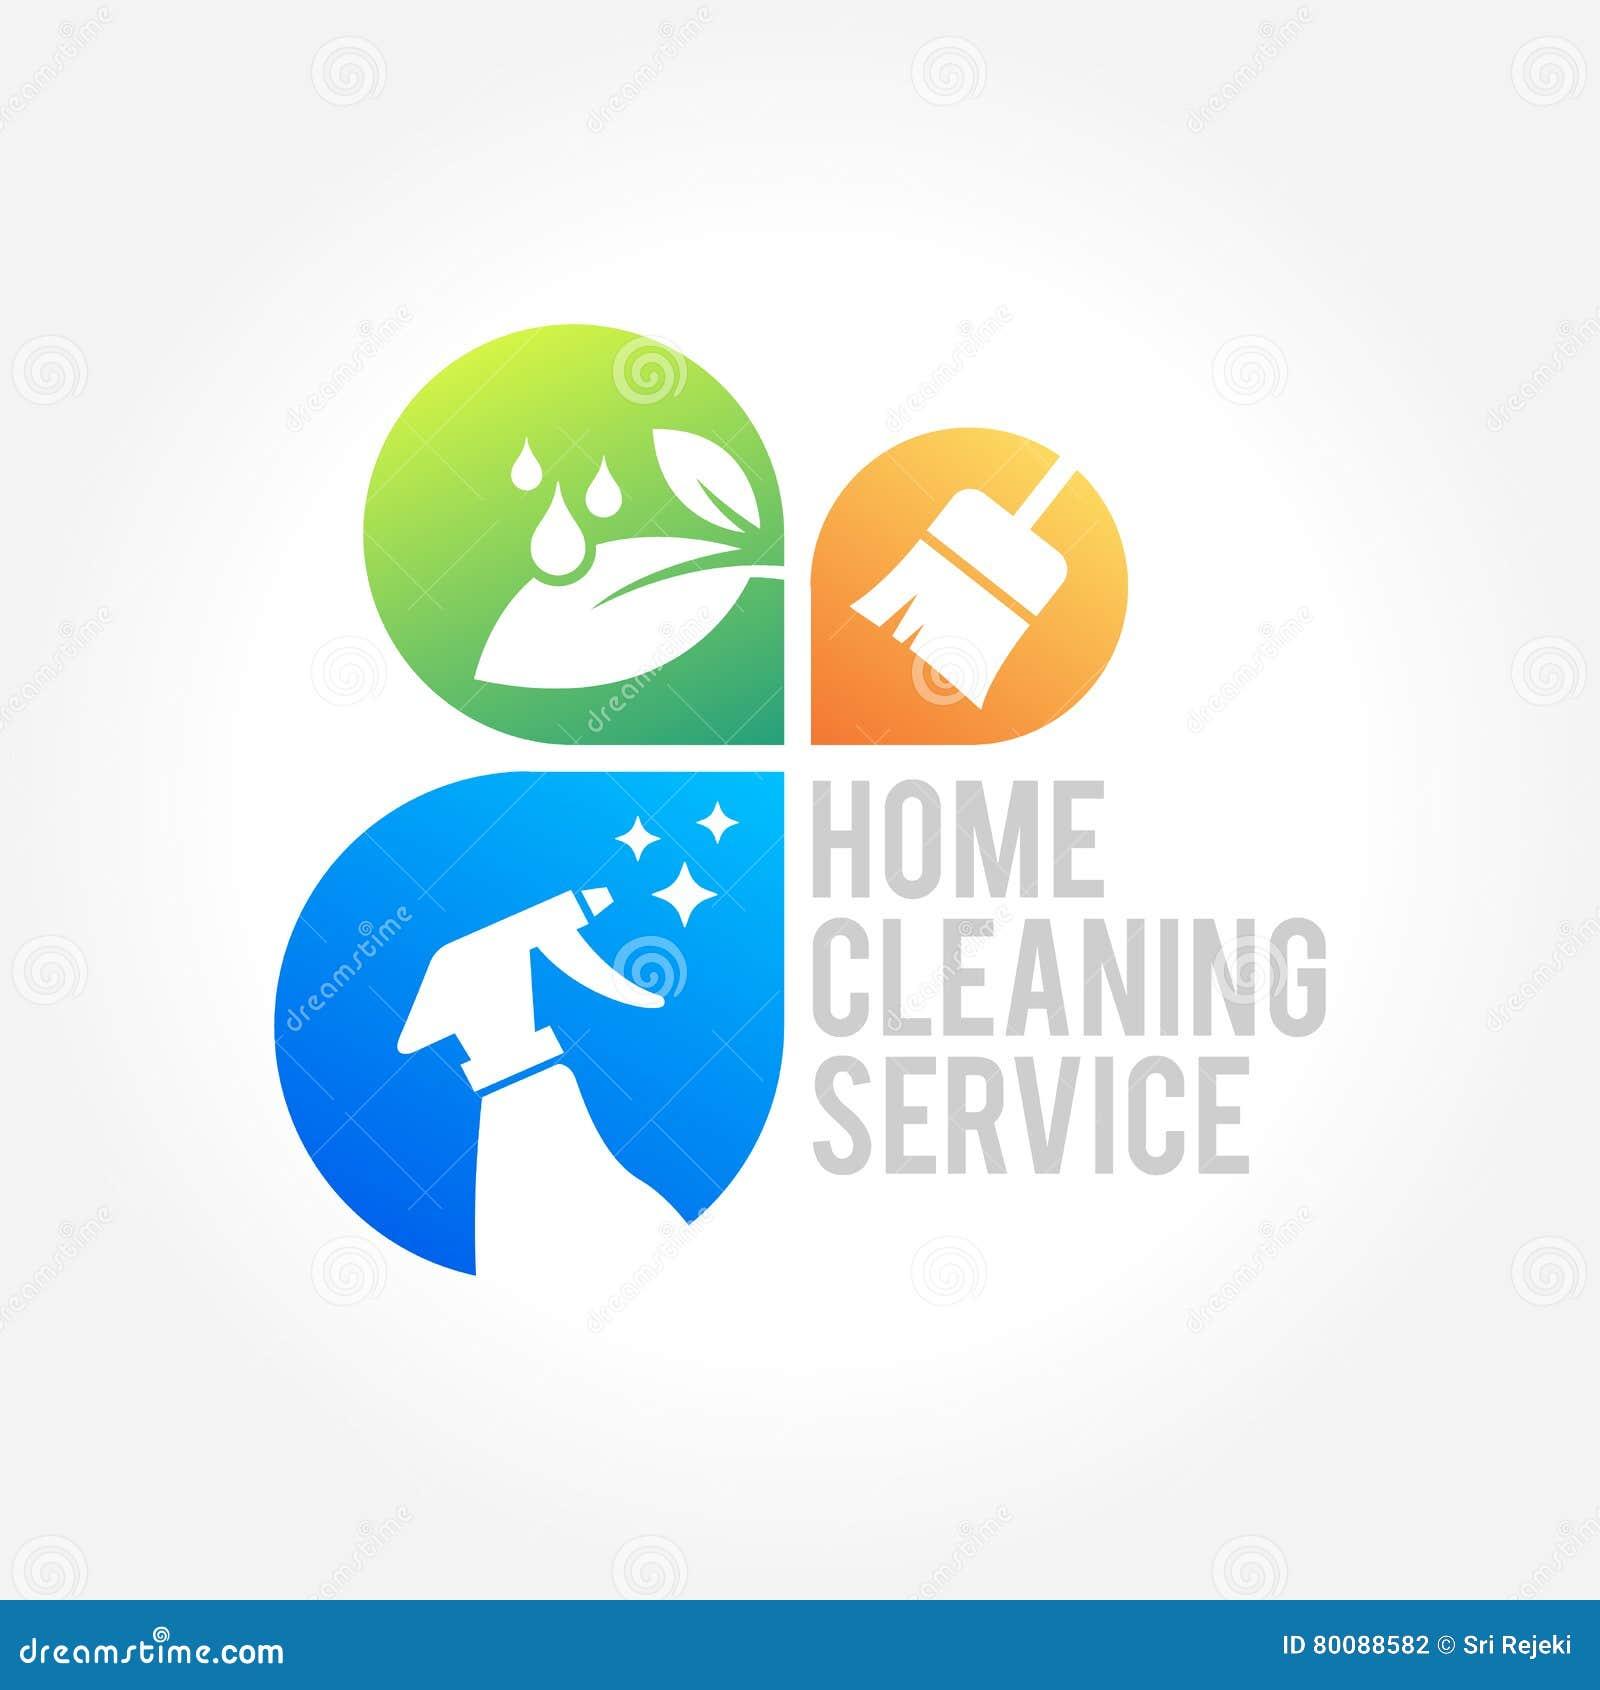 df0e216daa4f8 Conception de logo d entreprise de services de nettoyage, concept  écologique pour l intérieur,